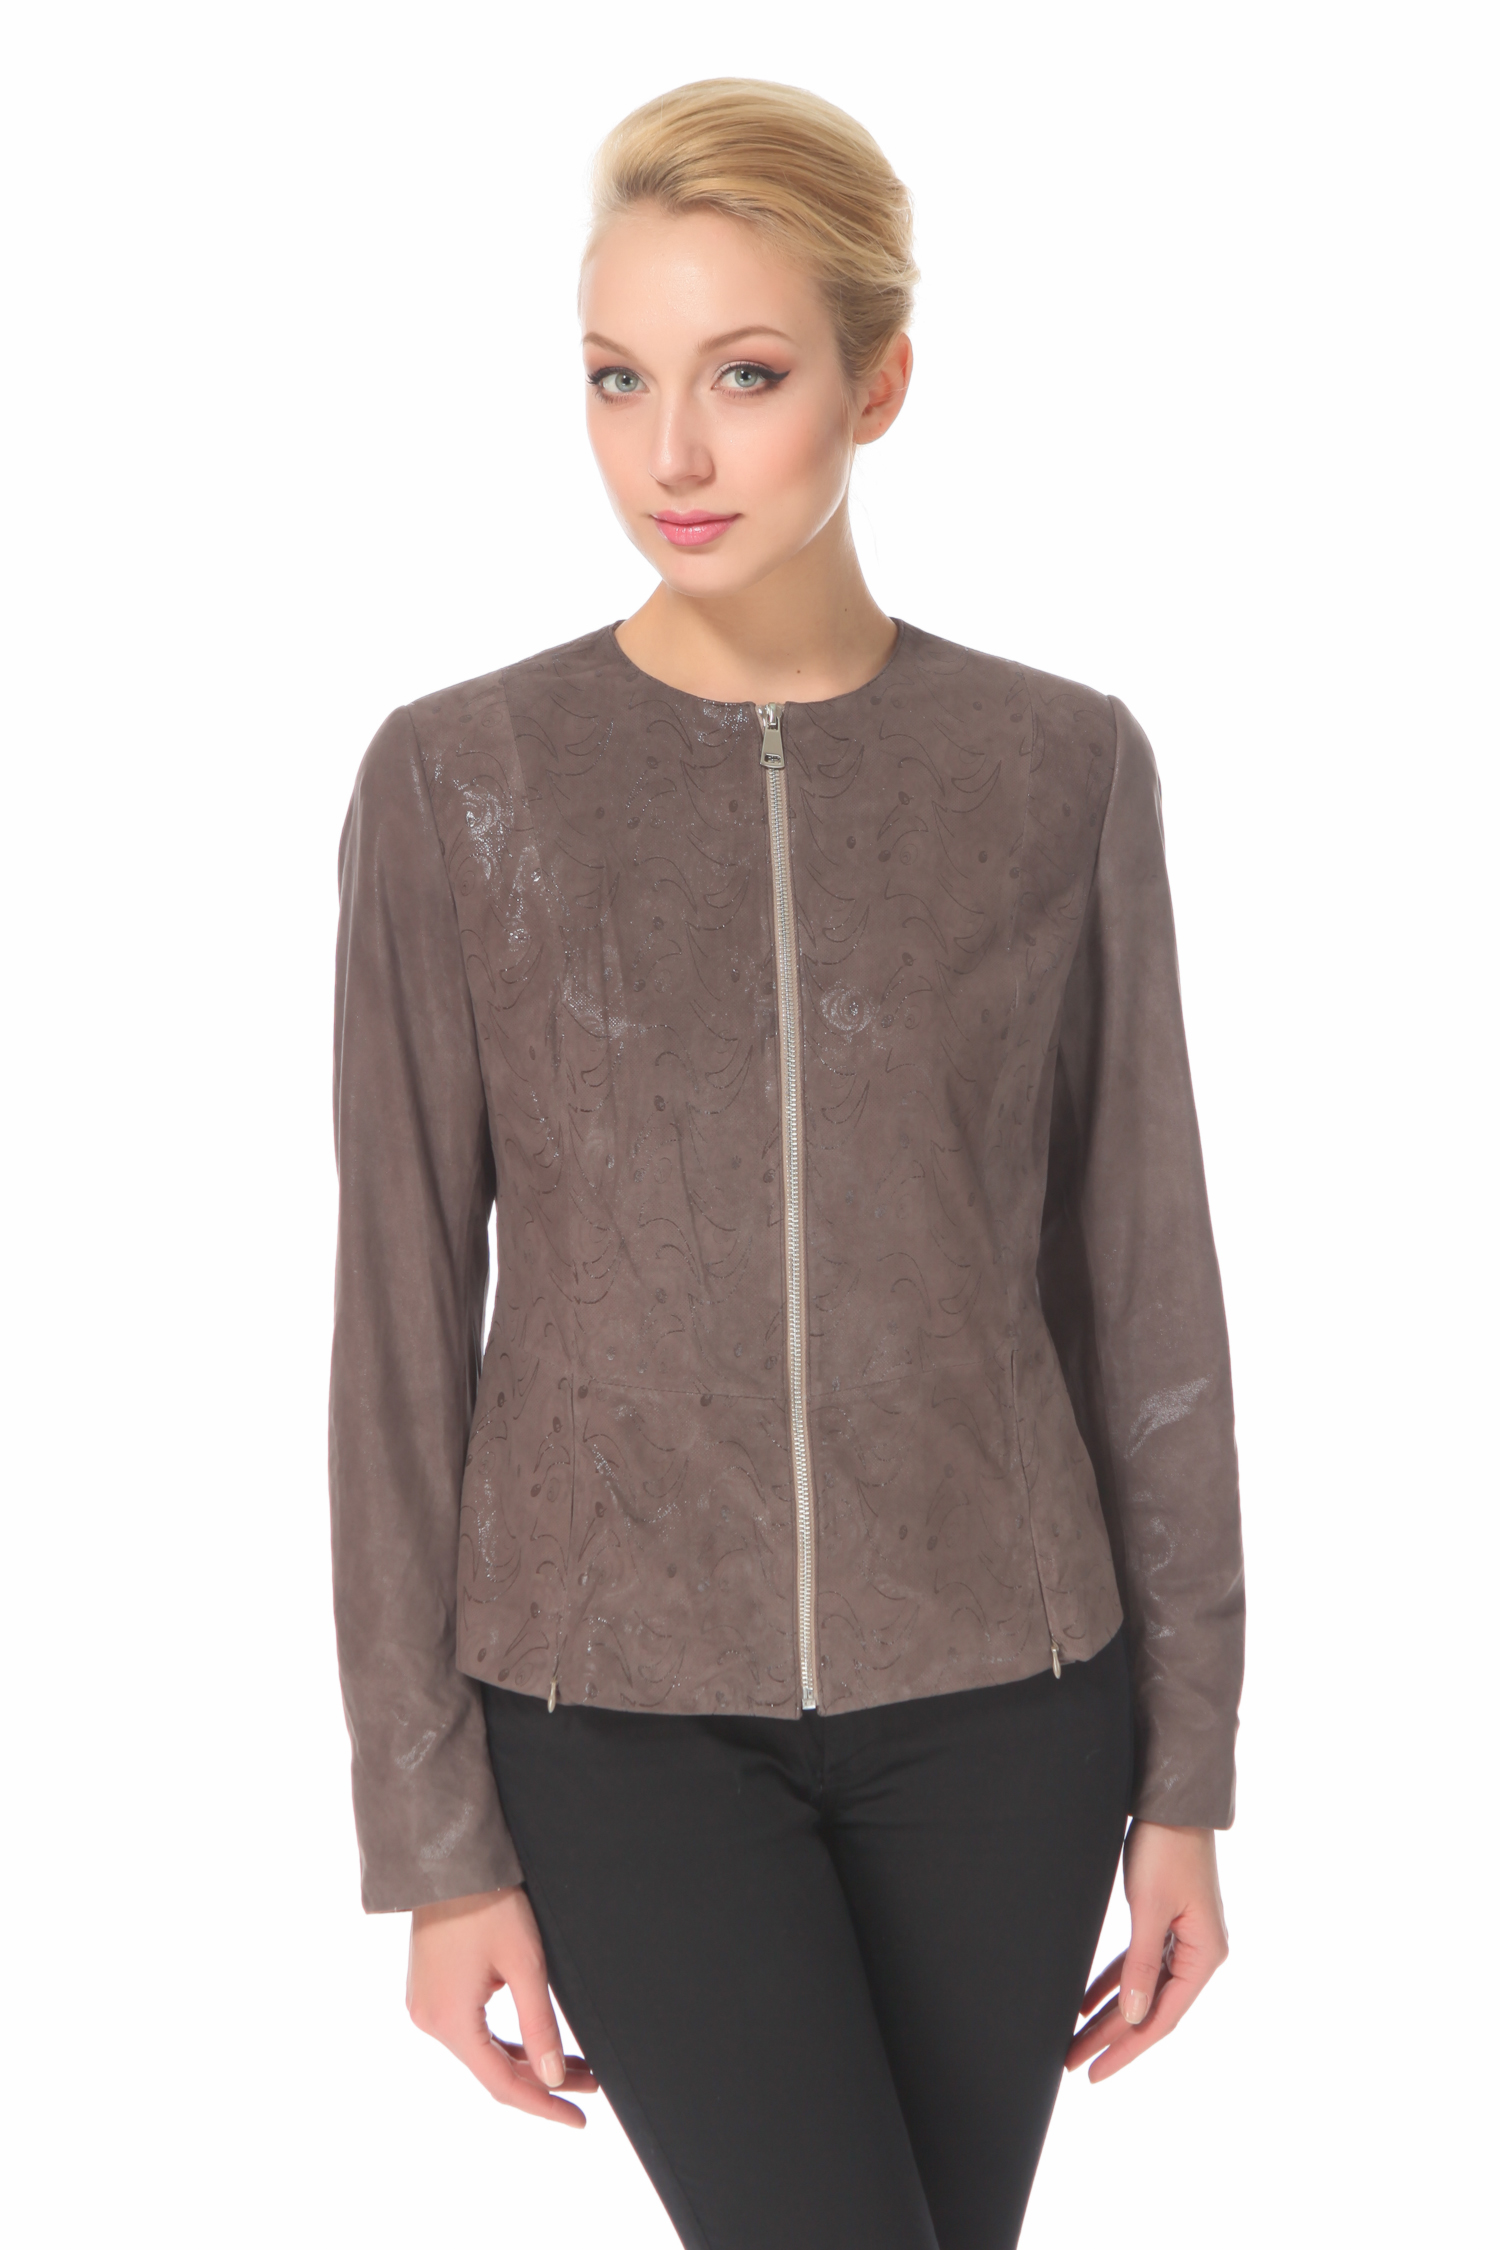 Женская кожаная куртка из натуральной замши, без отделки<br><br>Длина см: Короткая (51-74 )<br>Материал: Замша<br>Цвет: серый<br>Пол: Женский<br>Размер RU: 52